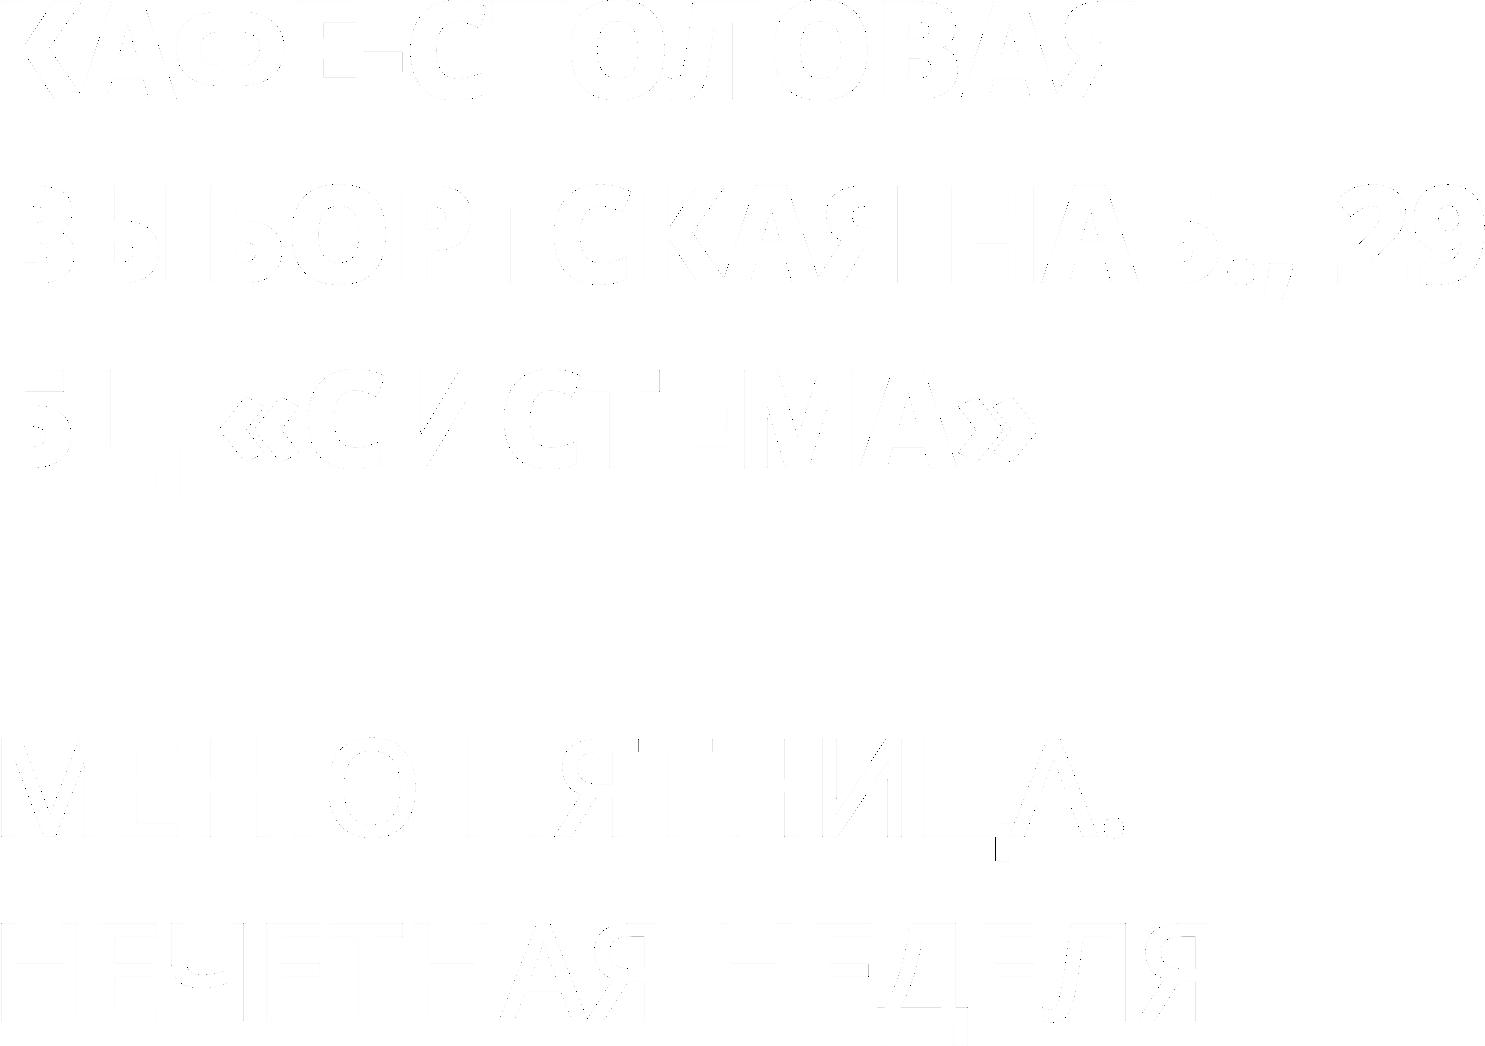 """КАФЕ-СТОЛОВАЯ БЦ """"СИСТЕМА"""" Выборгская наб., 29 МЕНЮ ПЯТНИЦА. НЕЧЕТНАЯ НЕДЕЛЯ"""